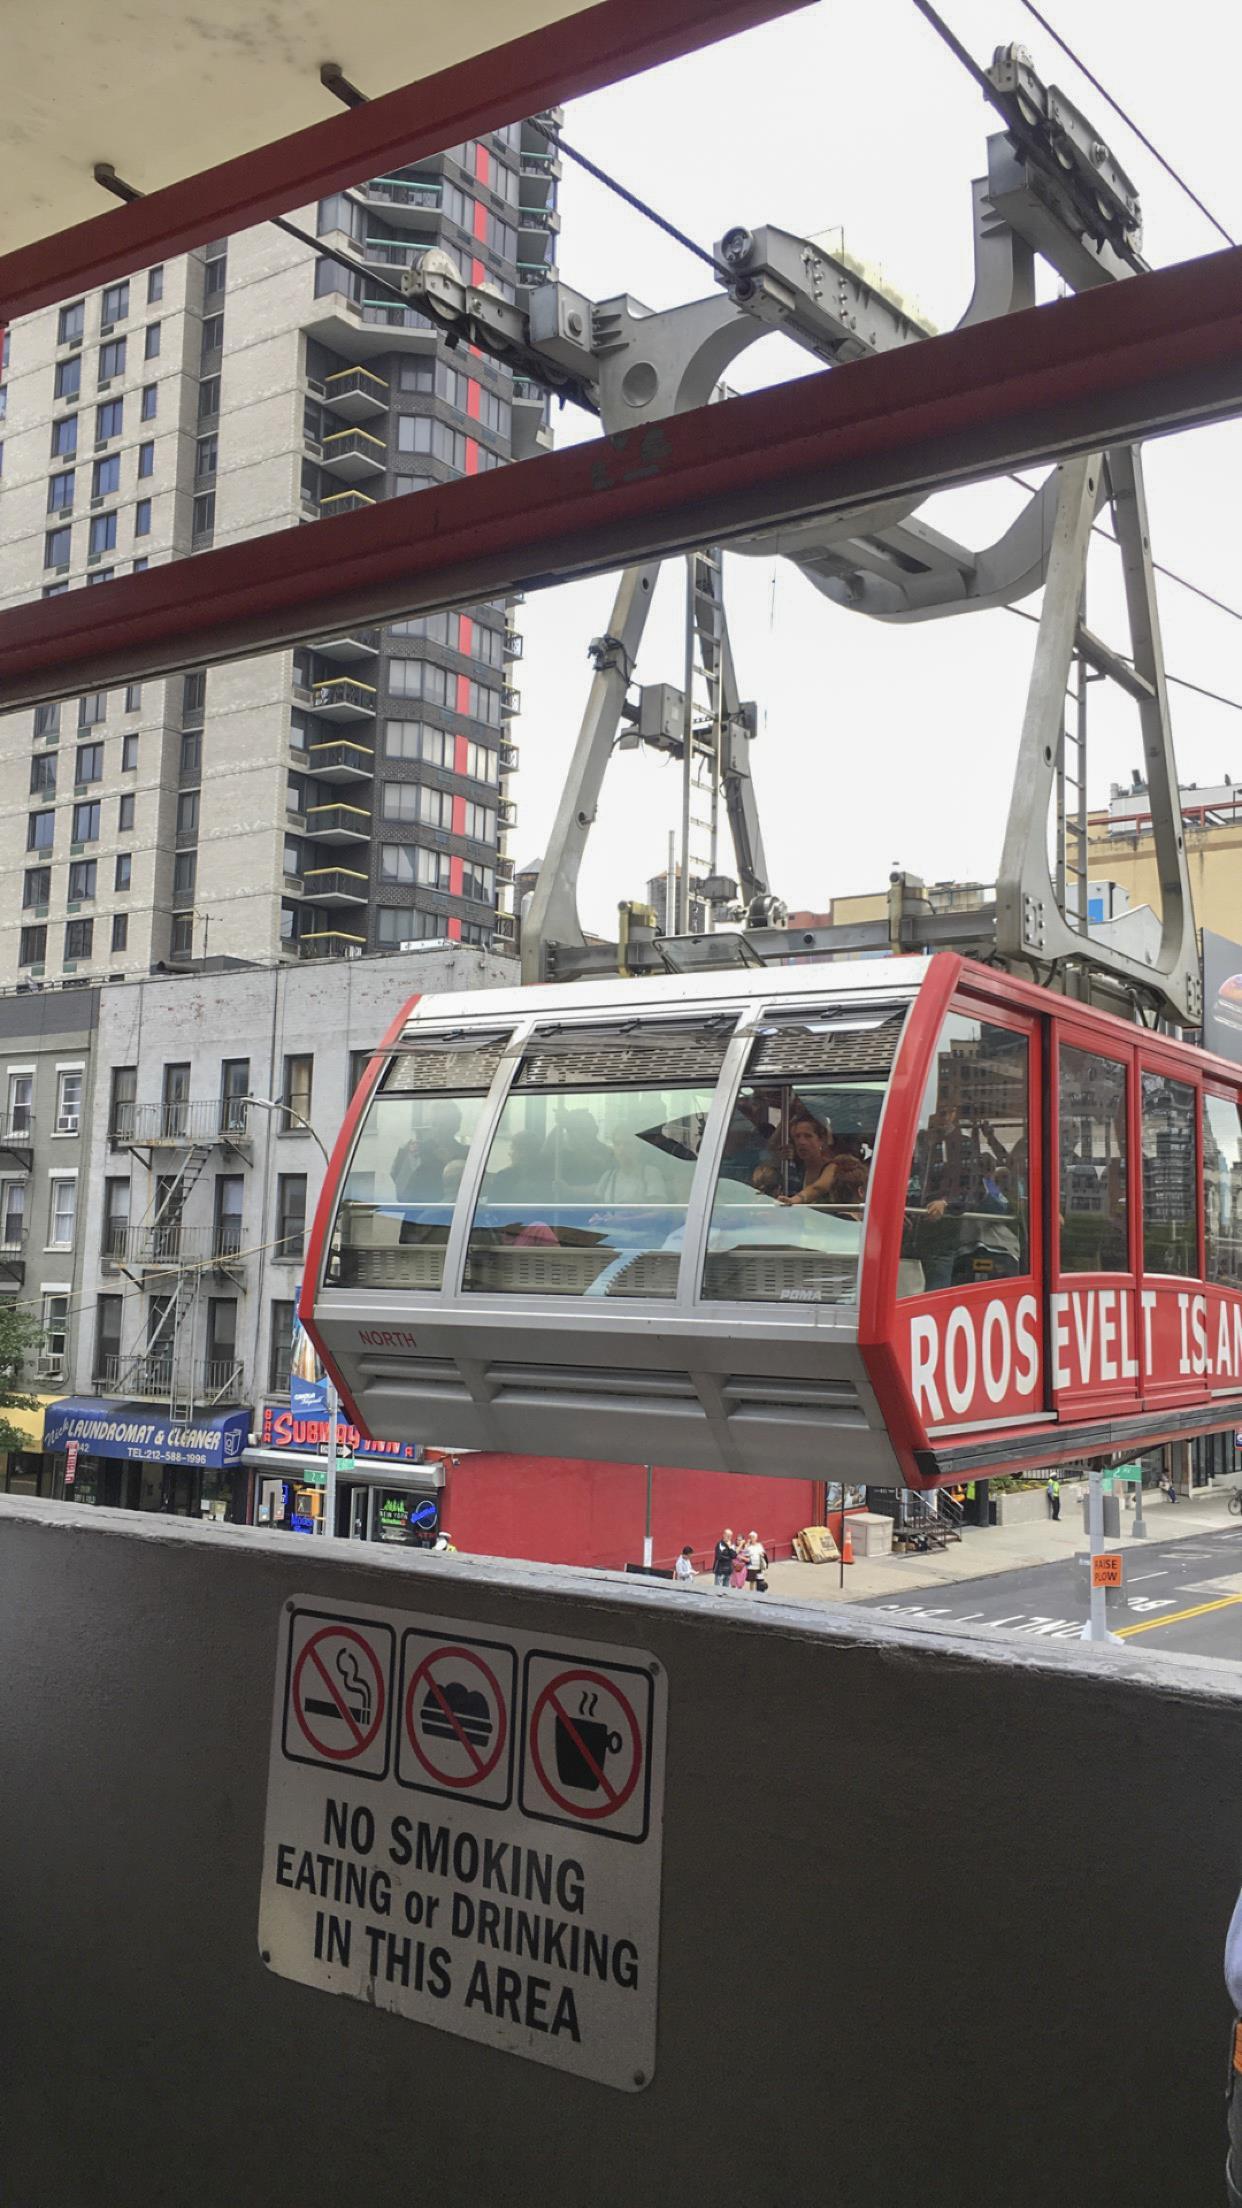 510 Main Street Roosevelt Island New York NY 10044